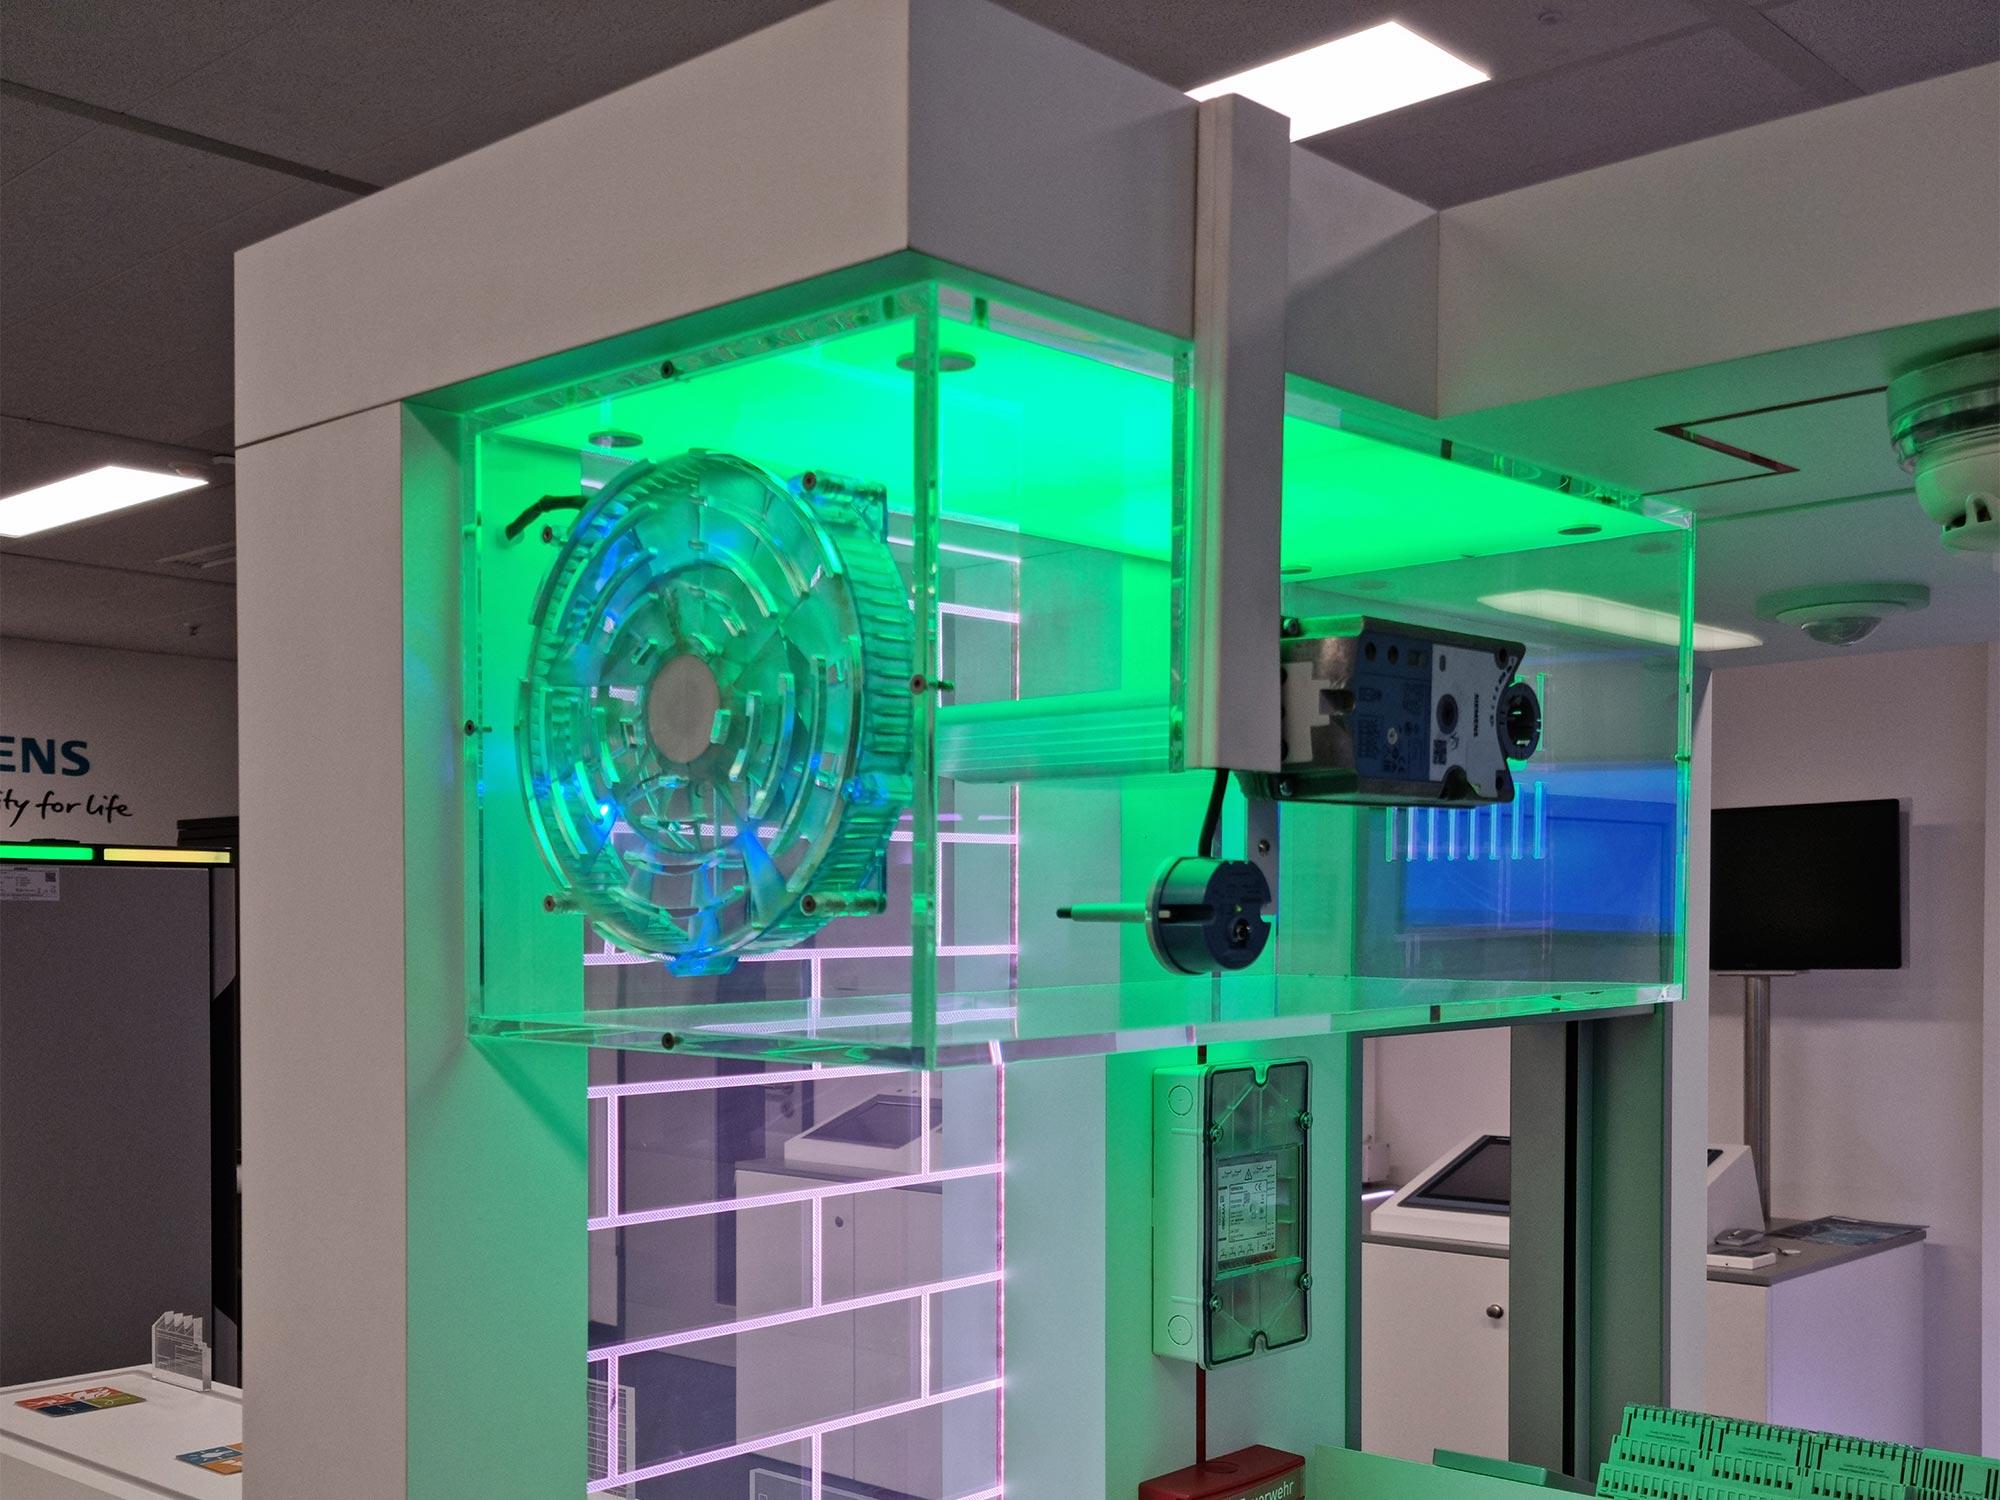 Brandschutz im Hochhaus - Siemens Smart Infrastructure - Brandschutzklappe in der Simulation